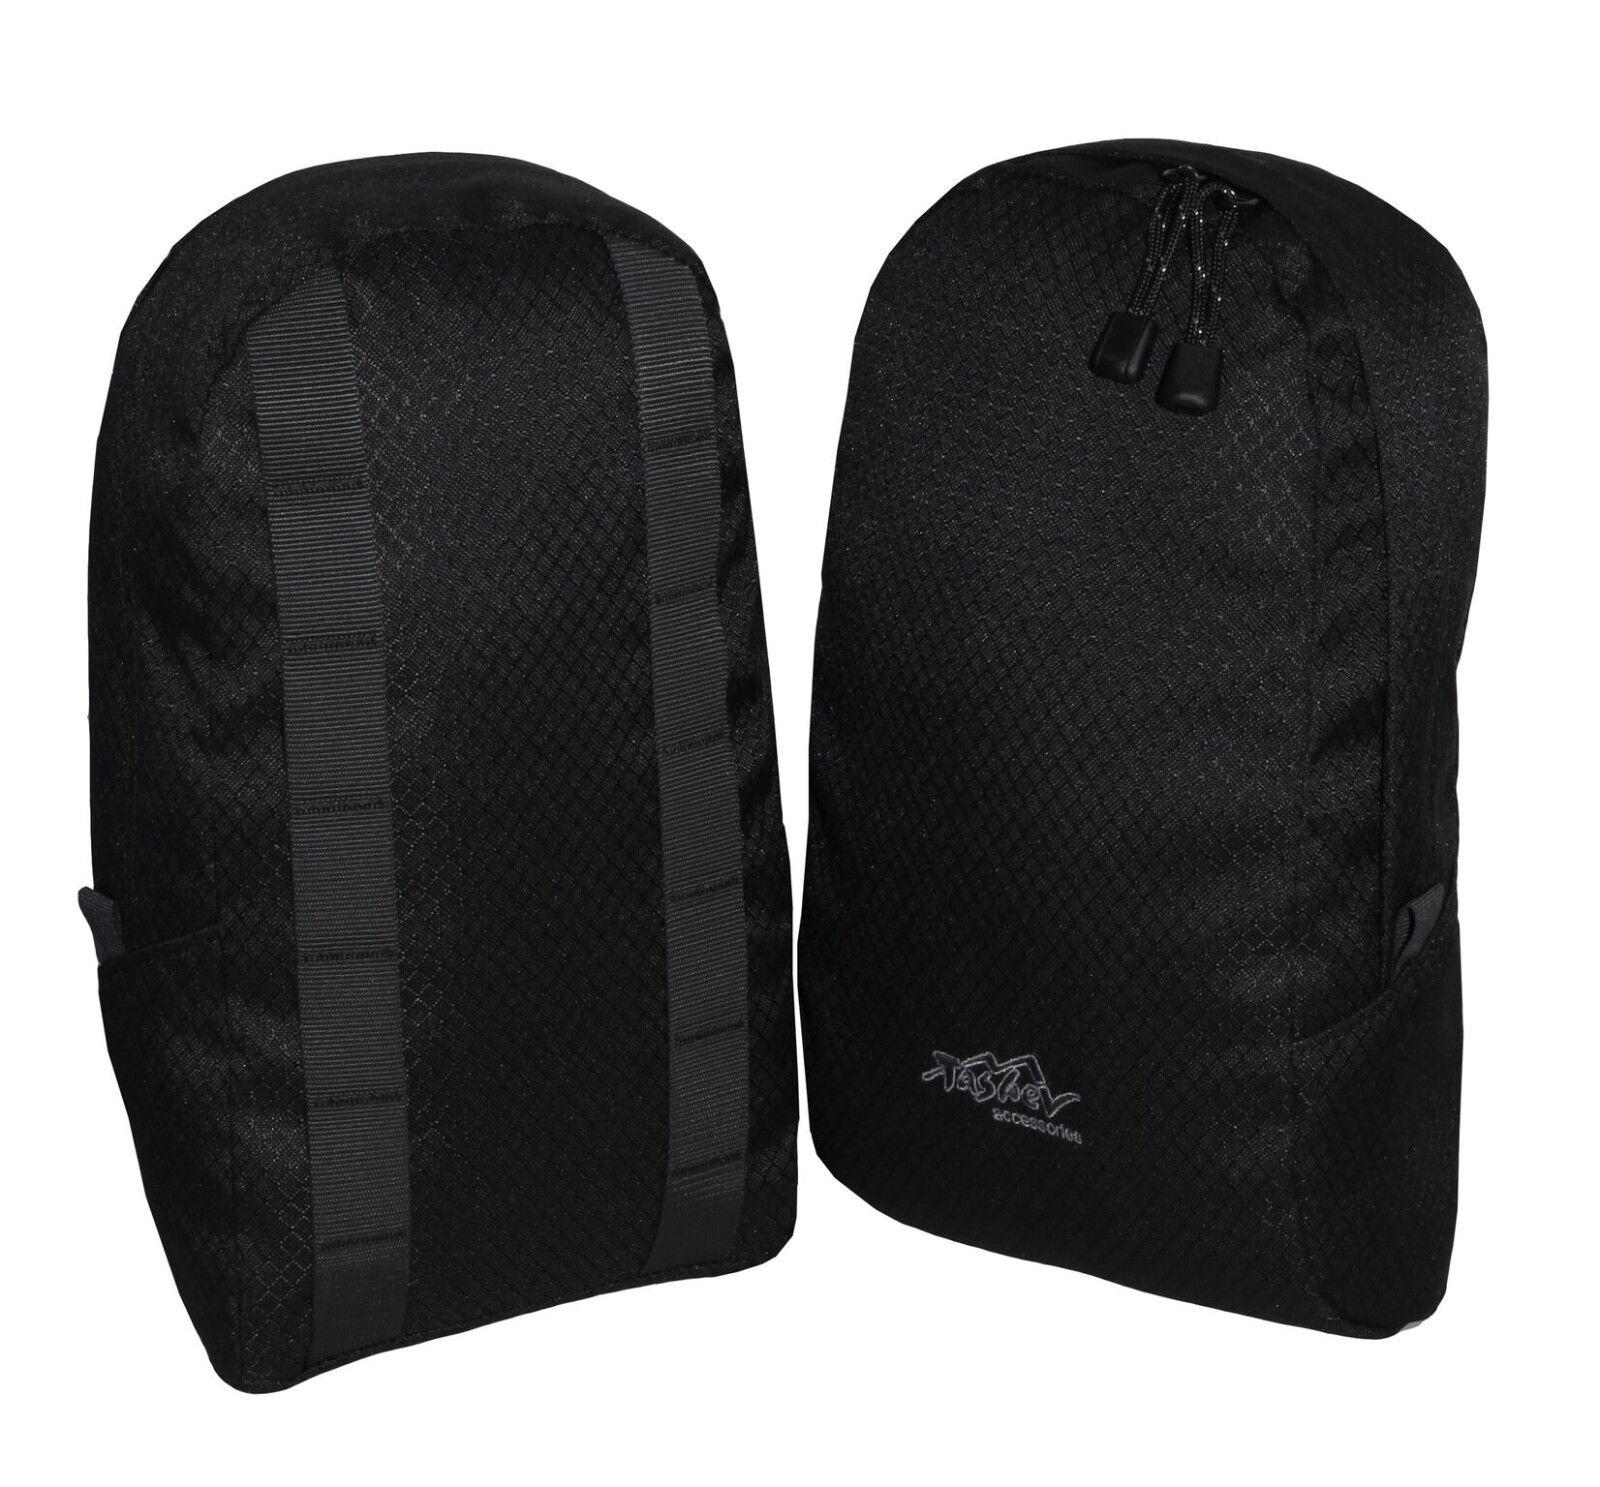 Universelle Rucksack Seitentaschen Extrataschen Zusatztaschen Tashev